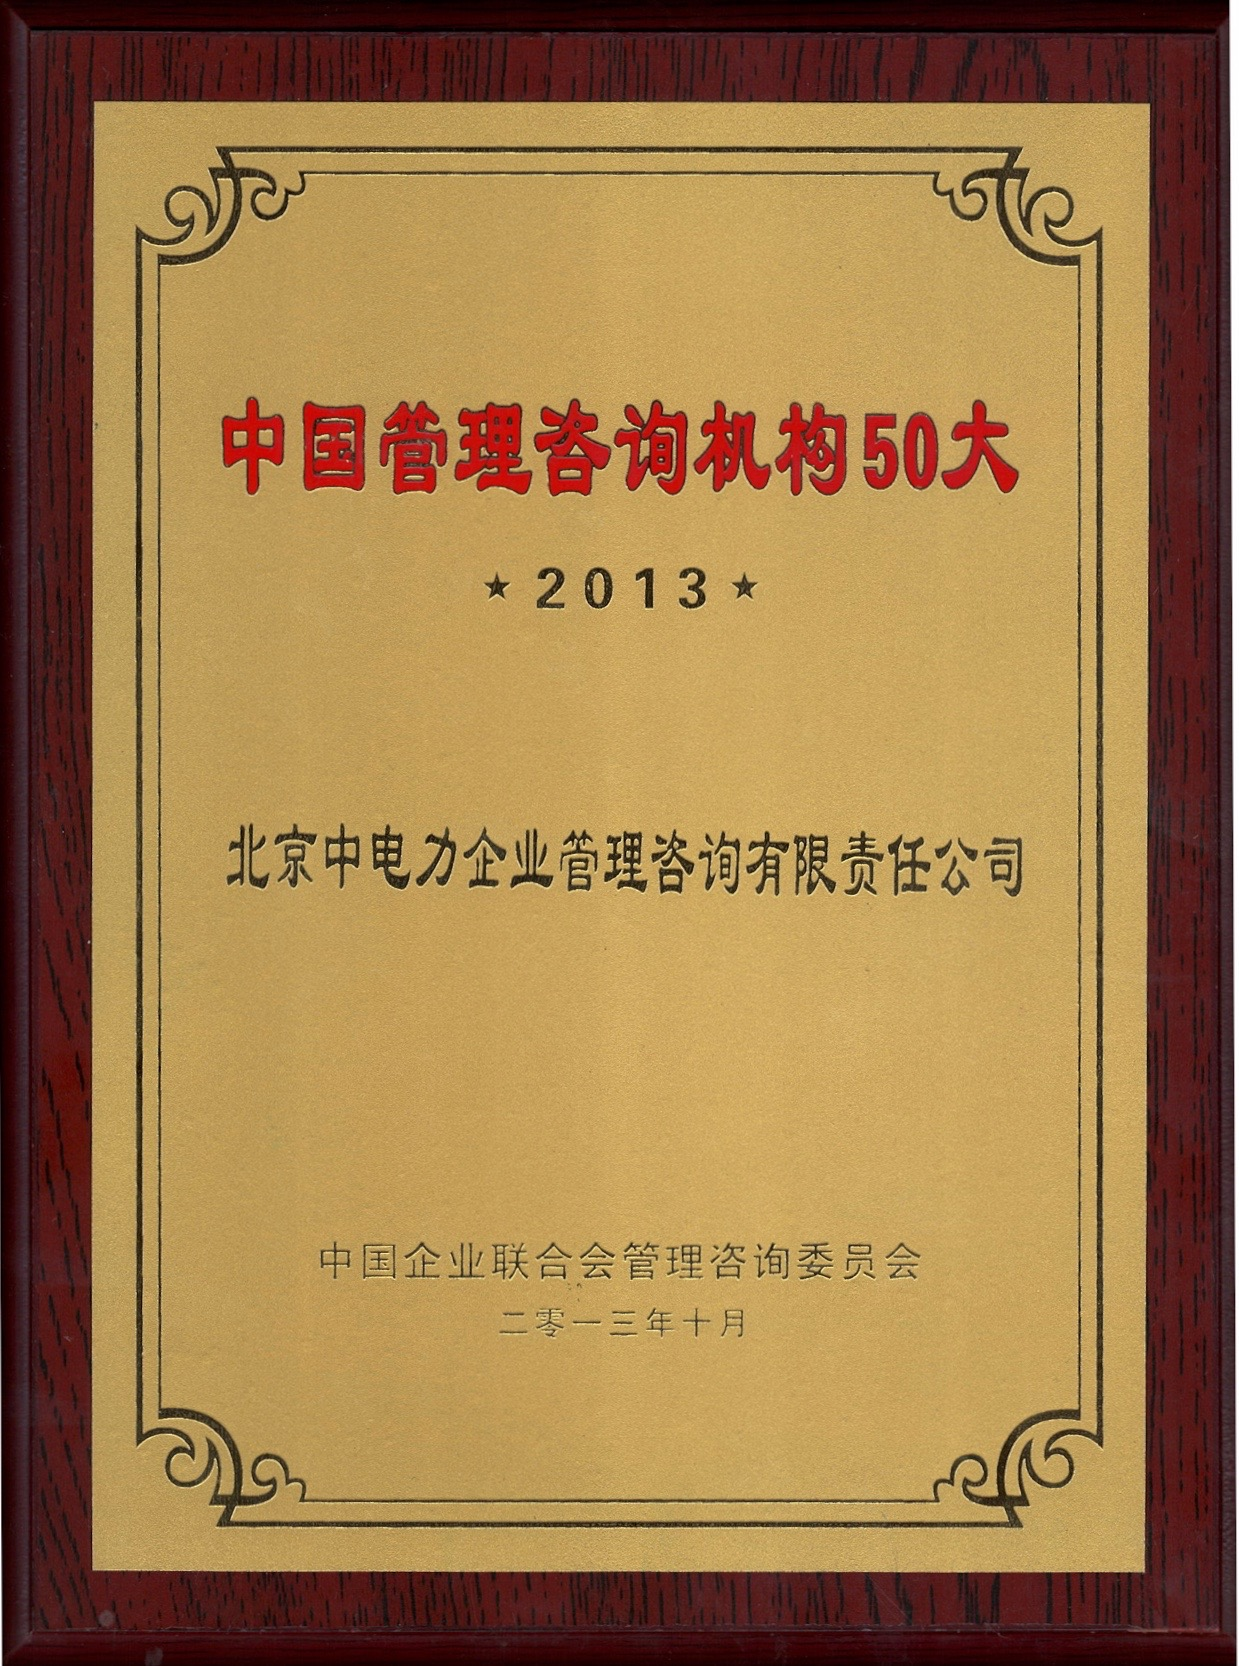 2013中国管理咨询机构50大